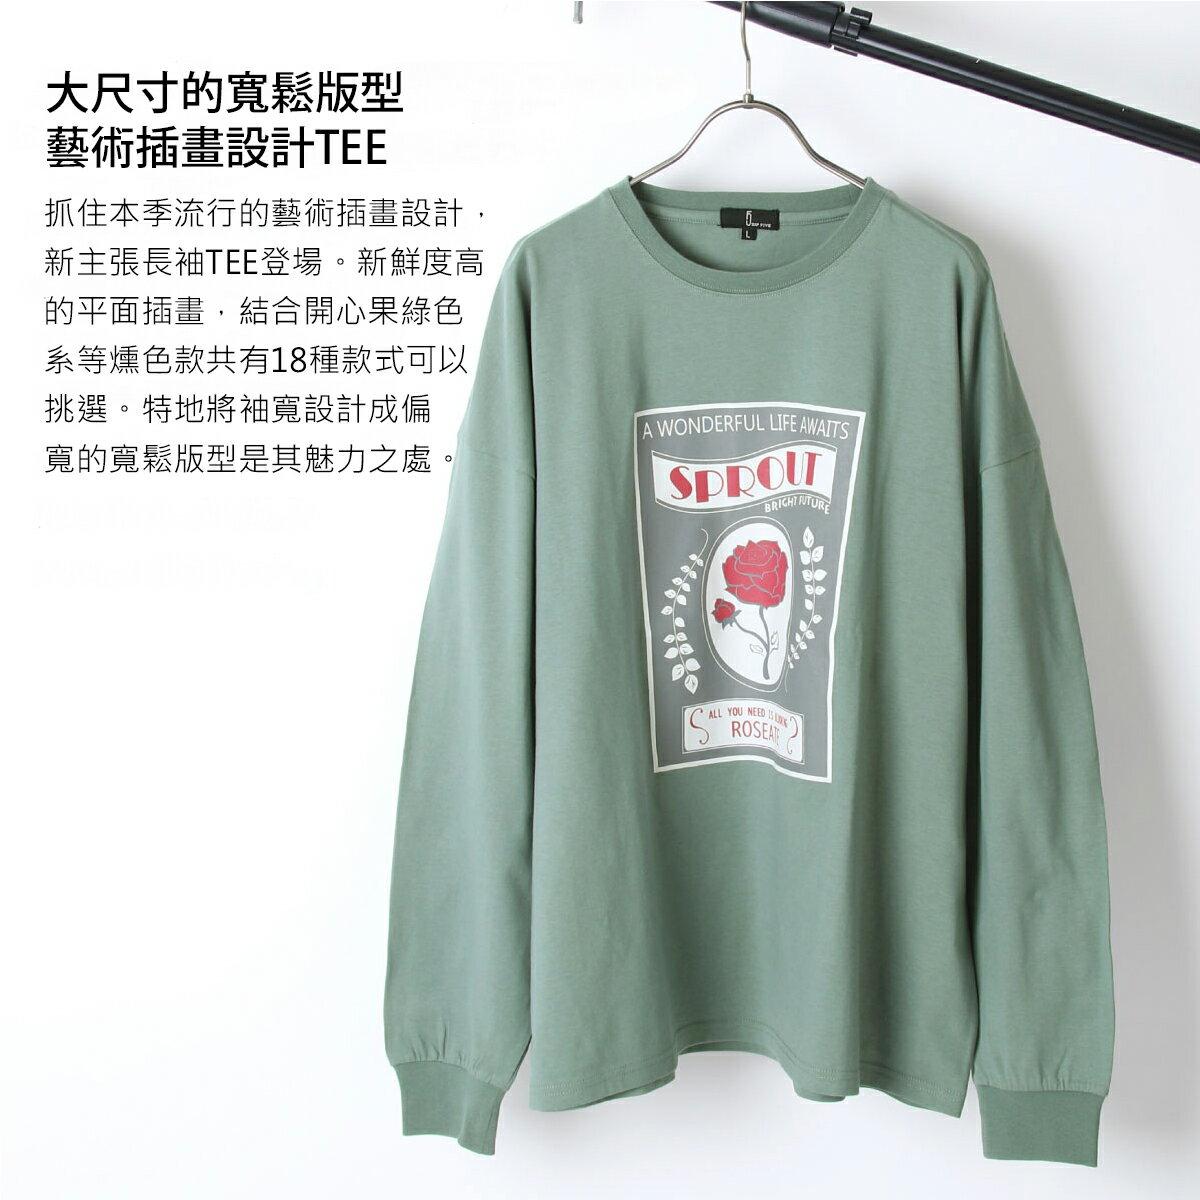 【ZIP】背面印刷長袖T恤 寬版 6